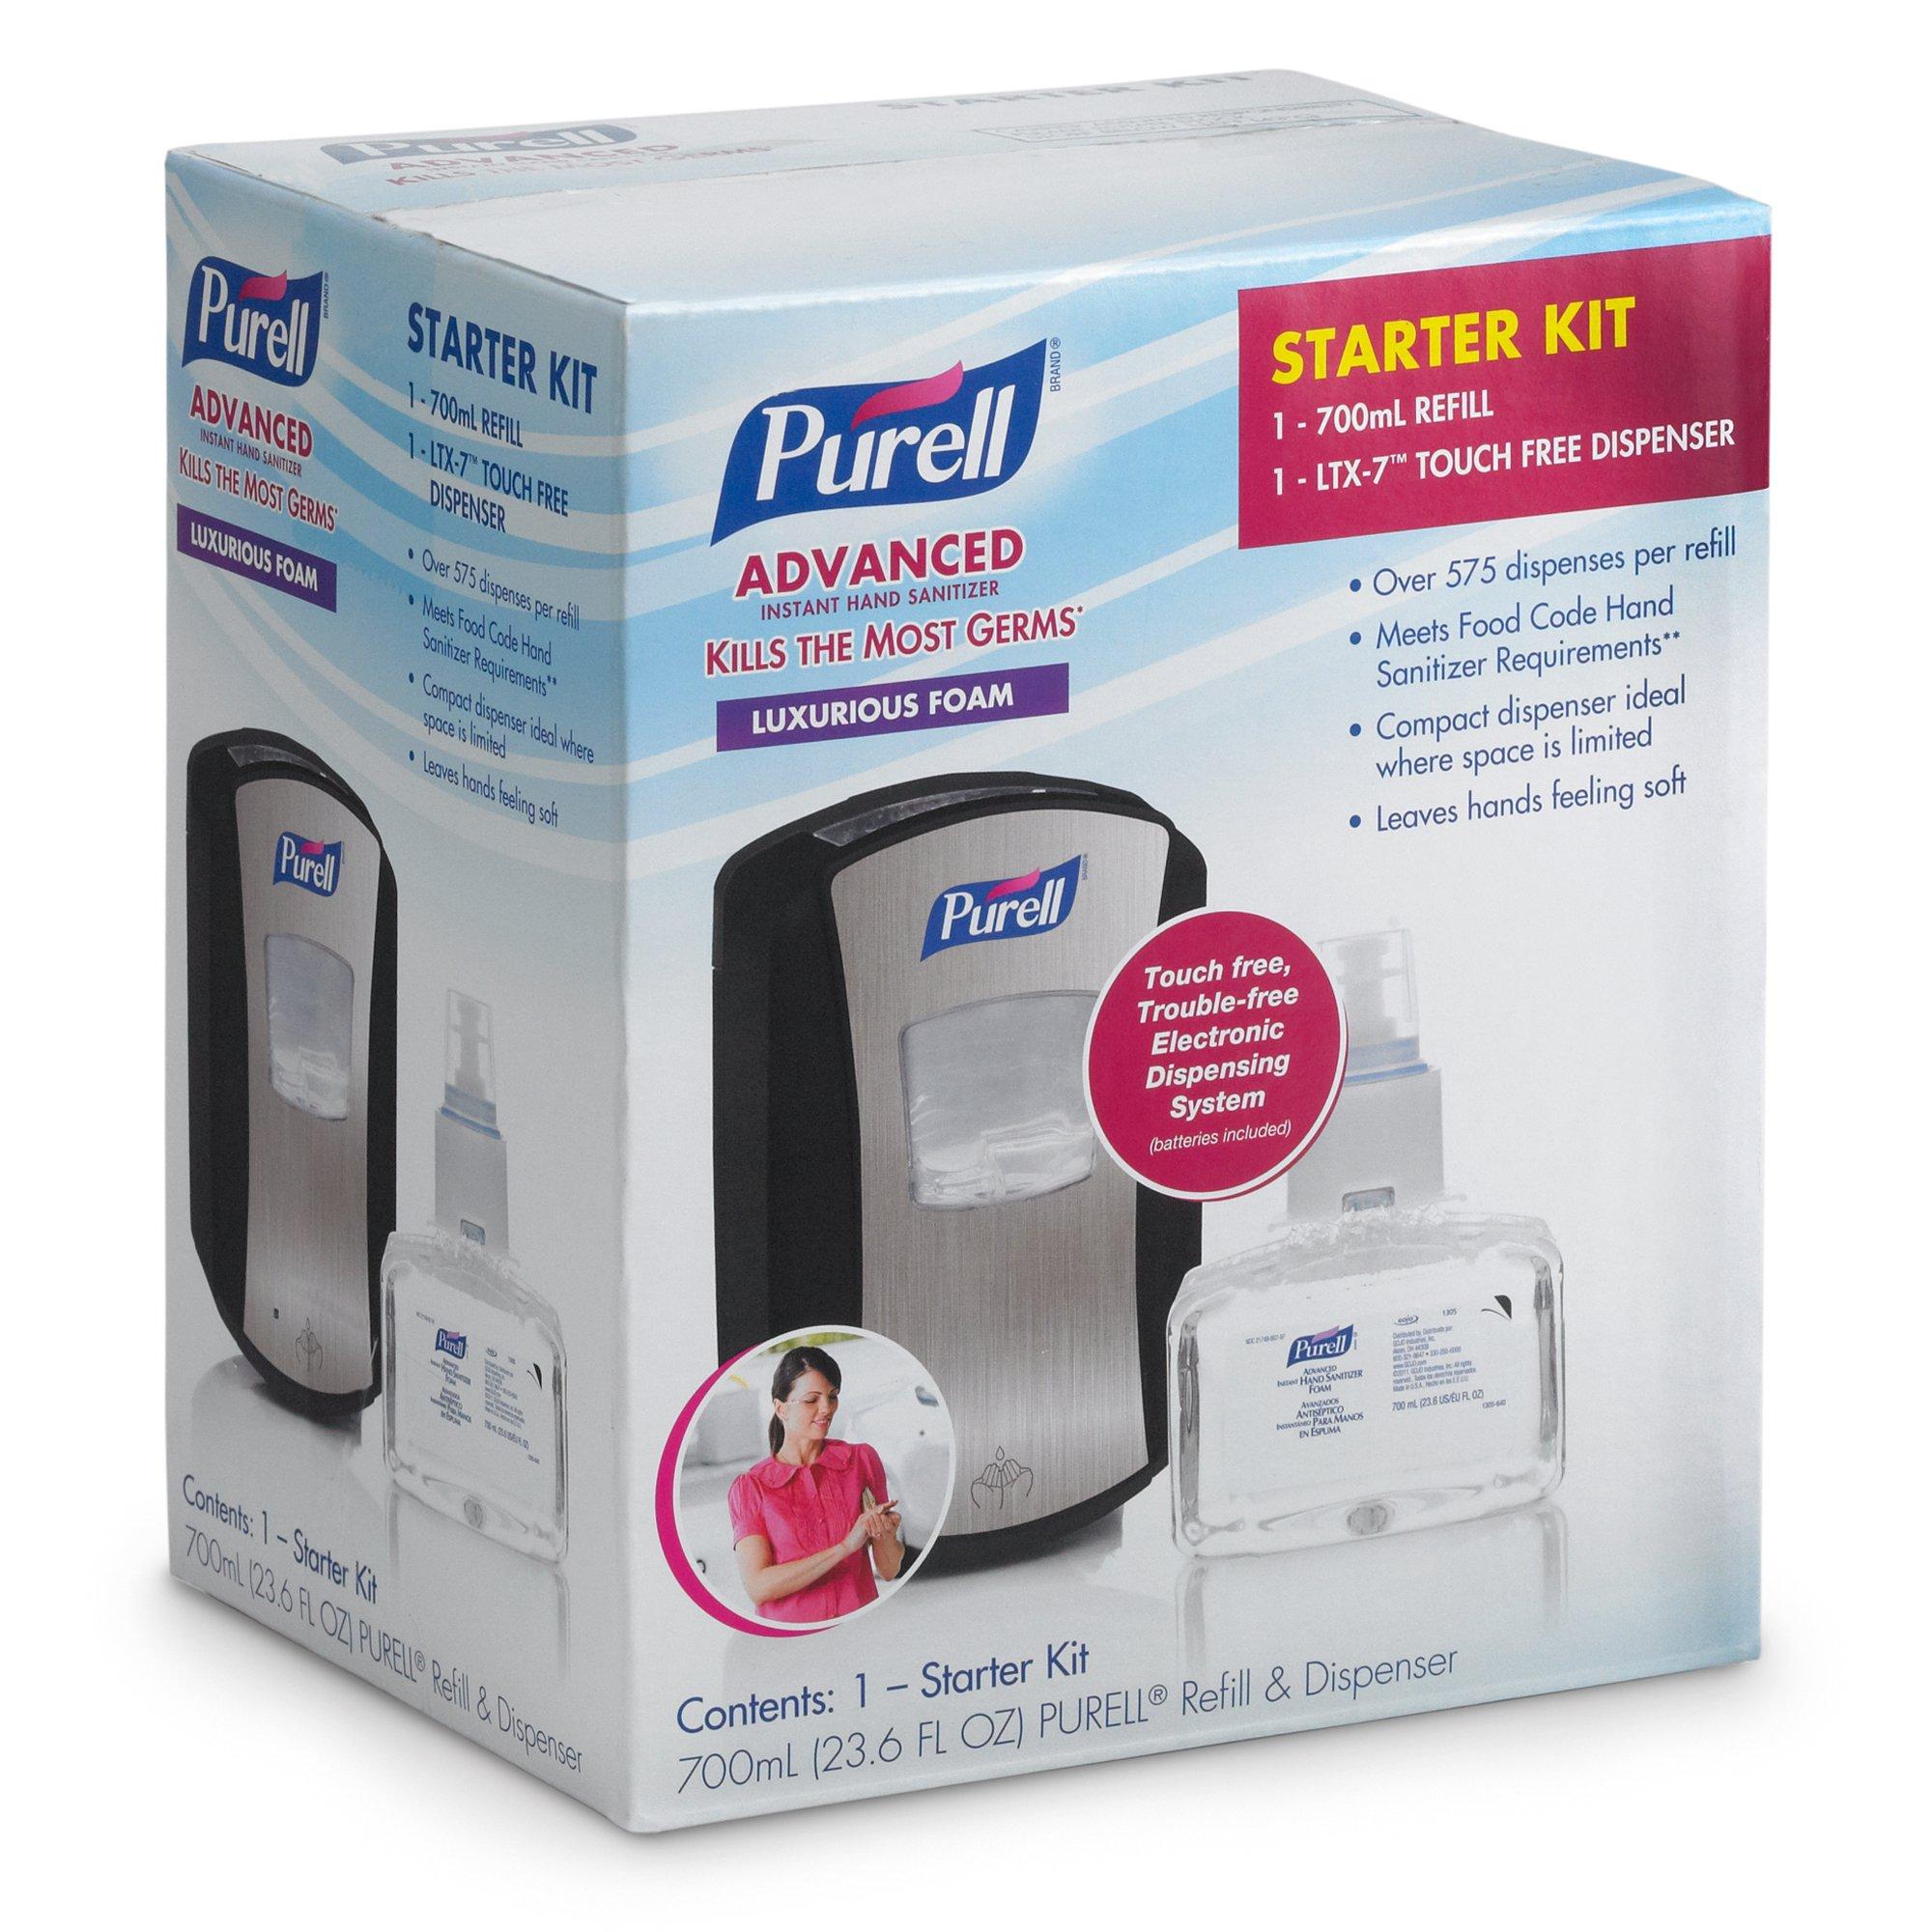 PURELL 1305-D1 2 Piece LTX-7 Advanced Instant Hand Sanitizer Foam Refill Dispenser Kit